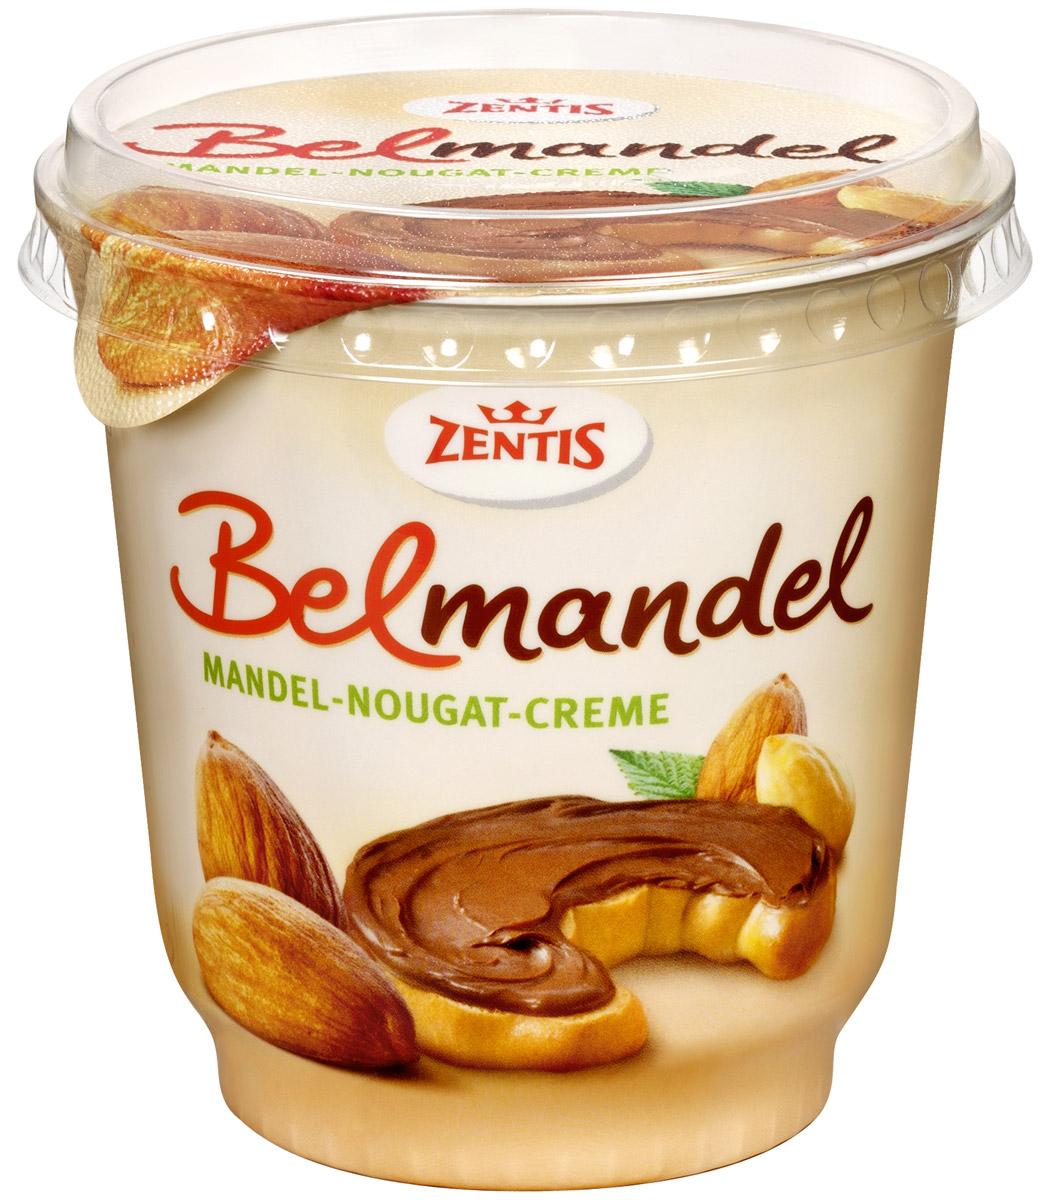 Zentis Belmandel шоколадная паста с миндалем и какао, 400 гЦп 364080Шоколадная паста Zentis Belmandel - это вкусное лакомство для всей семьи, которое отлично подойдет для завтрака. Паста производится из шоколада и масла с добавлением миндаля. Имеет густую однородную консистенцию. Шоколадную пасту можно намазывать на хлеб, а также использовать для приготовления тортов, пирожных, бисквитов, в качестве начинки для блинов, прекрасно подойдет для мороженого.